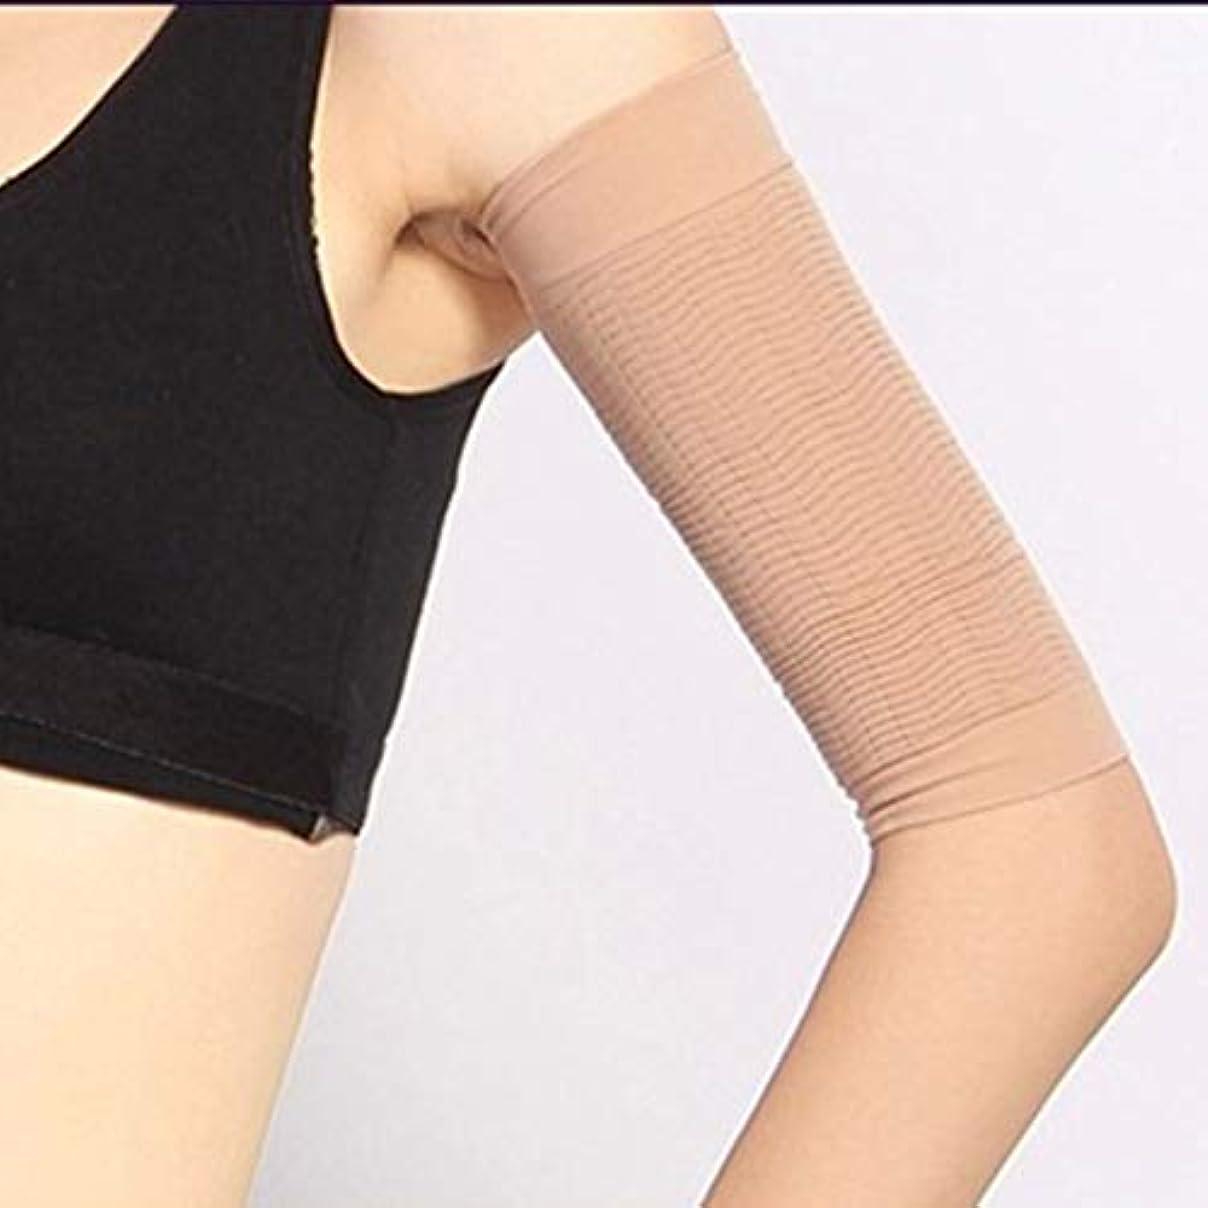 学期収束する適用済み1ペア420 D圧縮痩身アームスリーブワークアウトトーニングバーンセルライトシェイパー脂肪燃焼袖用女性 - 肌色